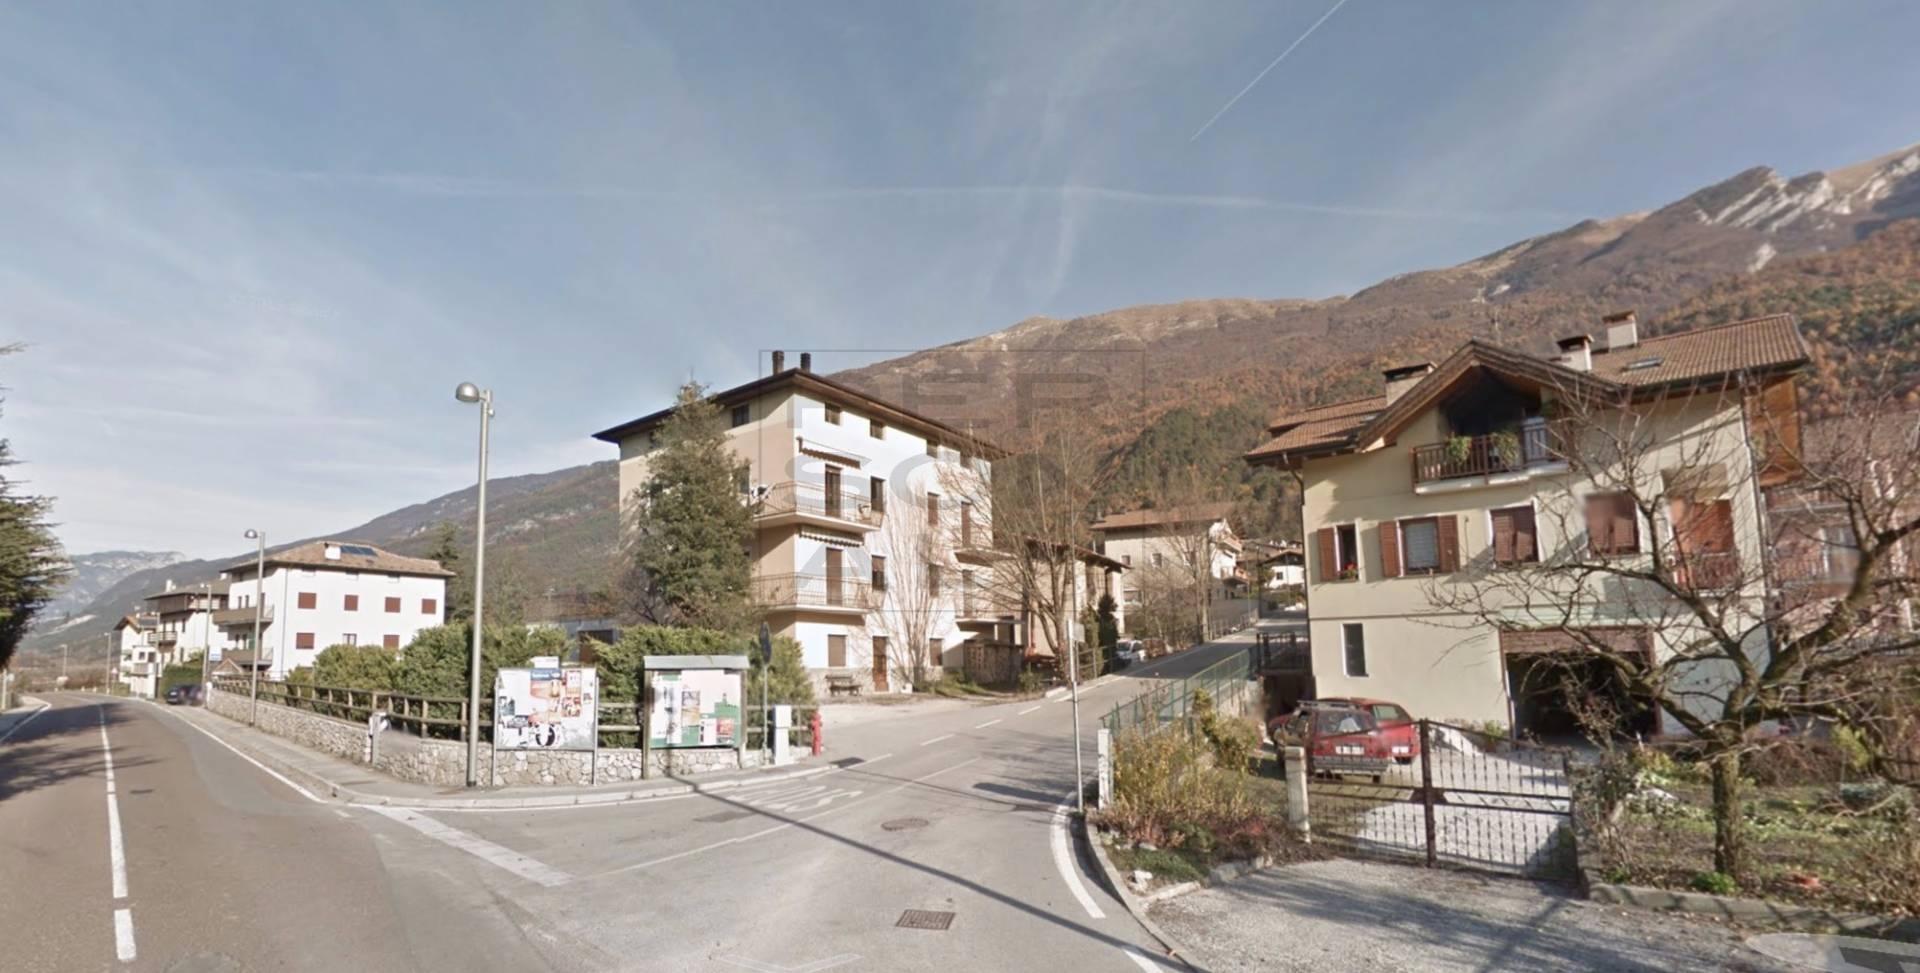 Appartamento in affitto a Cavedine, 3 locali, zona Zona: Stravino, prezzo € 350 | CambioCasa.it